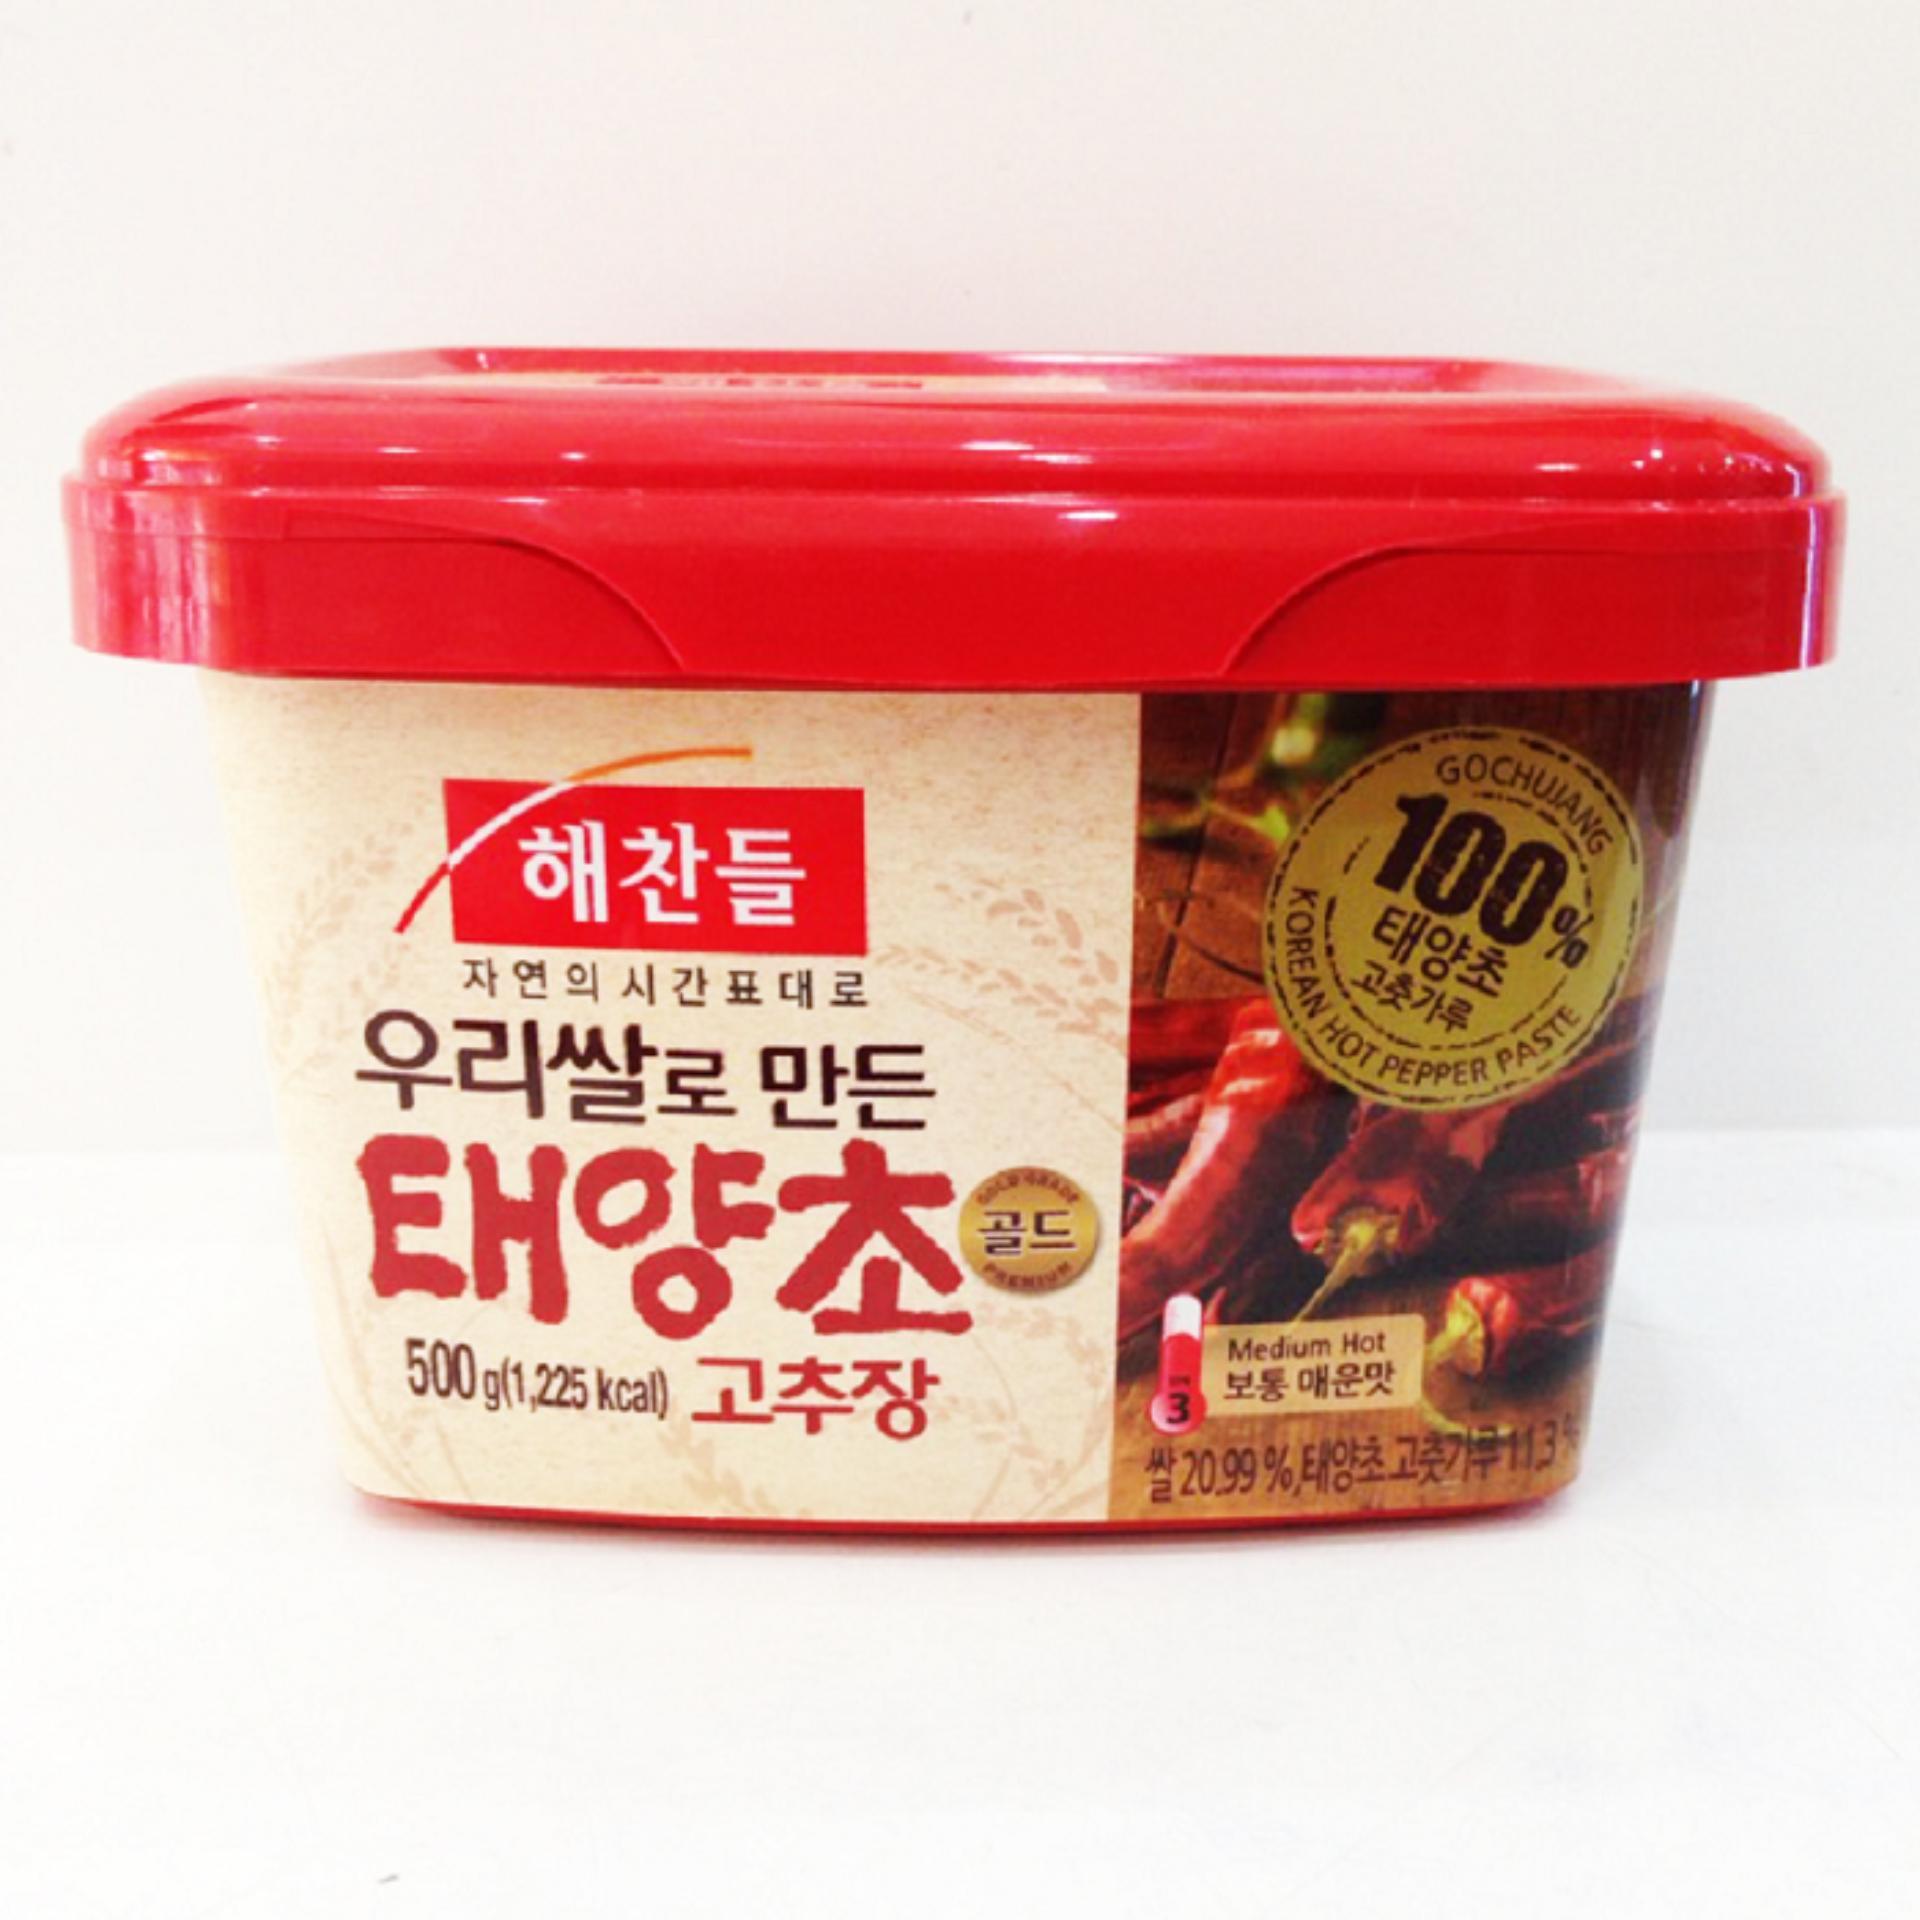 Vì sao mua Tương Ớt Hàn Quốc Gochujang Nhập Khẩu (500g)